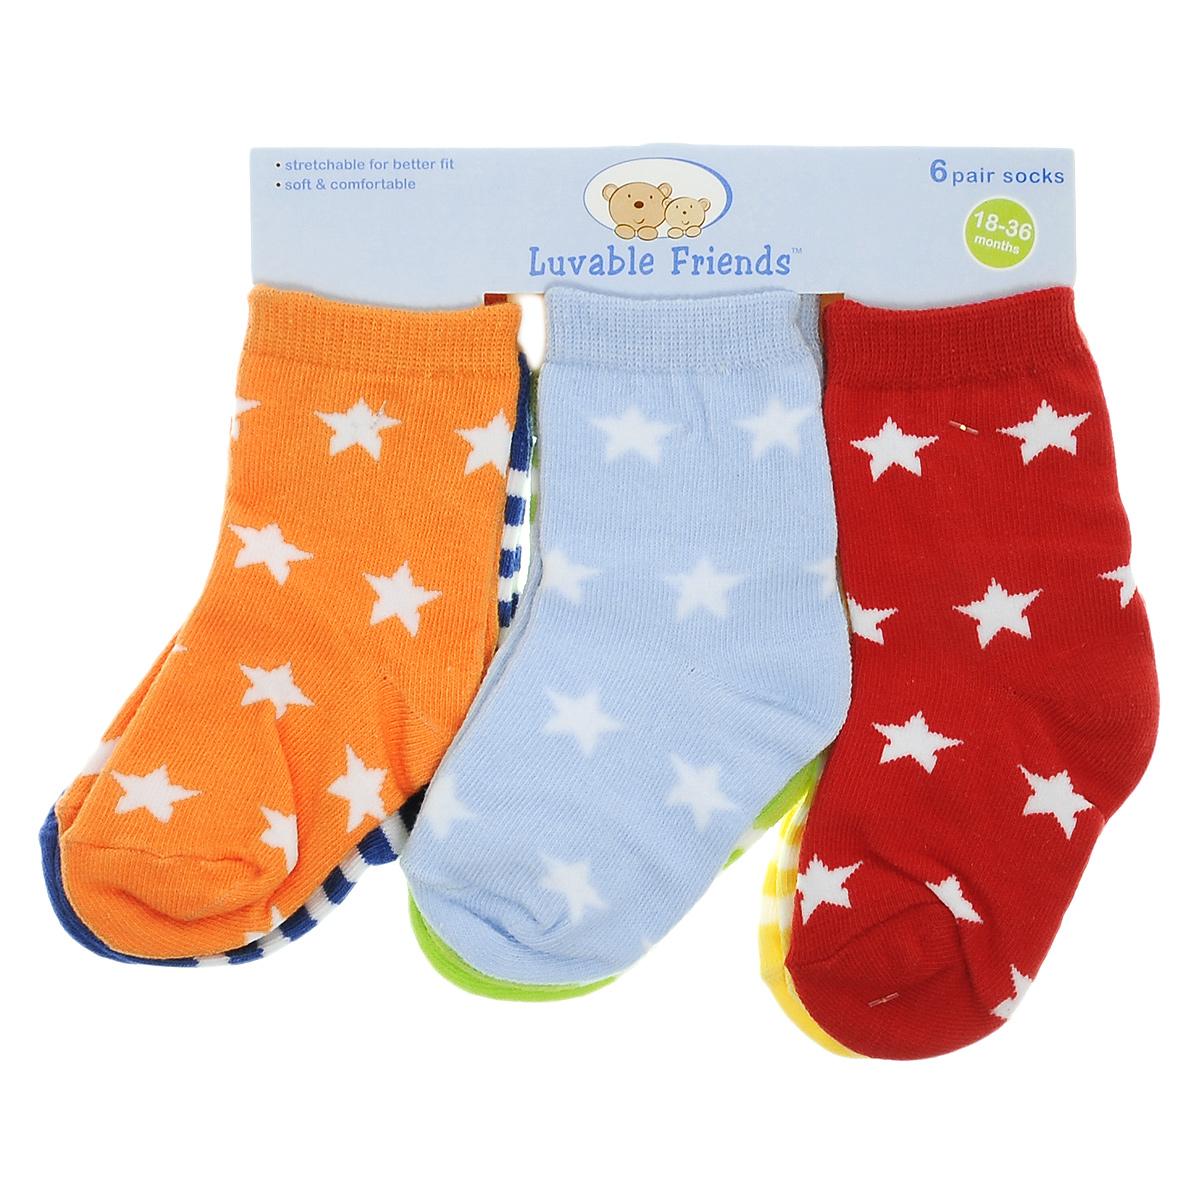 Носки26100Комфортные, красивые и прочные детские носки Luvable Friend Веселые полоски очень мягкие на ощупь, а эластичная резинка плотно облегает ножку ребенка, не сдавливая ее, благодаря чему малышу будет комфортно и удобно. Носочки хорошо тянутся, не деформируясь. Комплект состоит их шести пар носочков с различной цветовой гаммой.